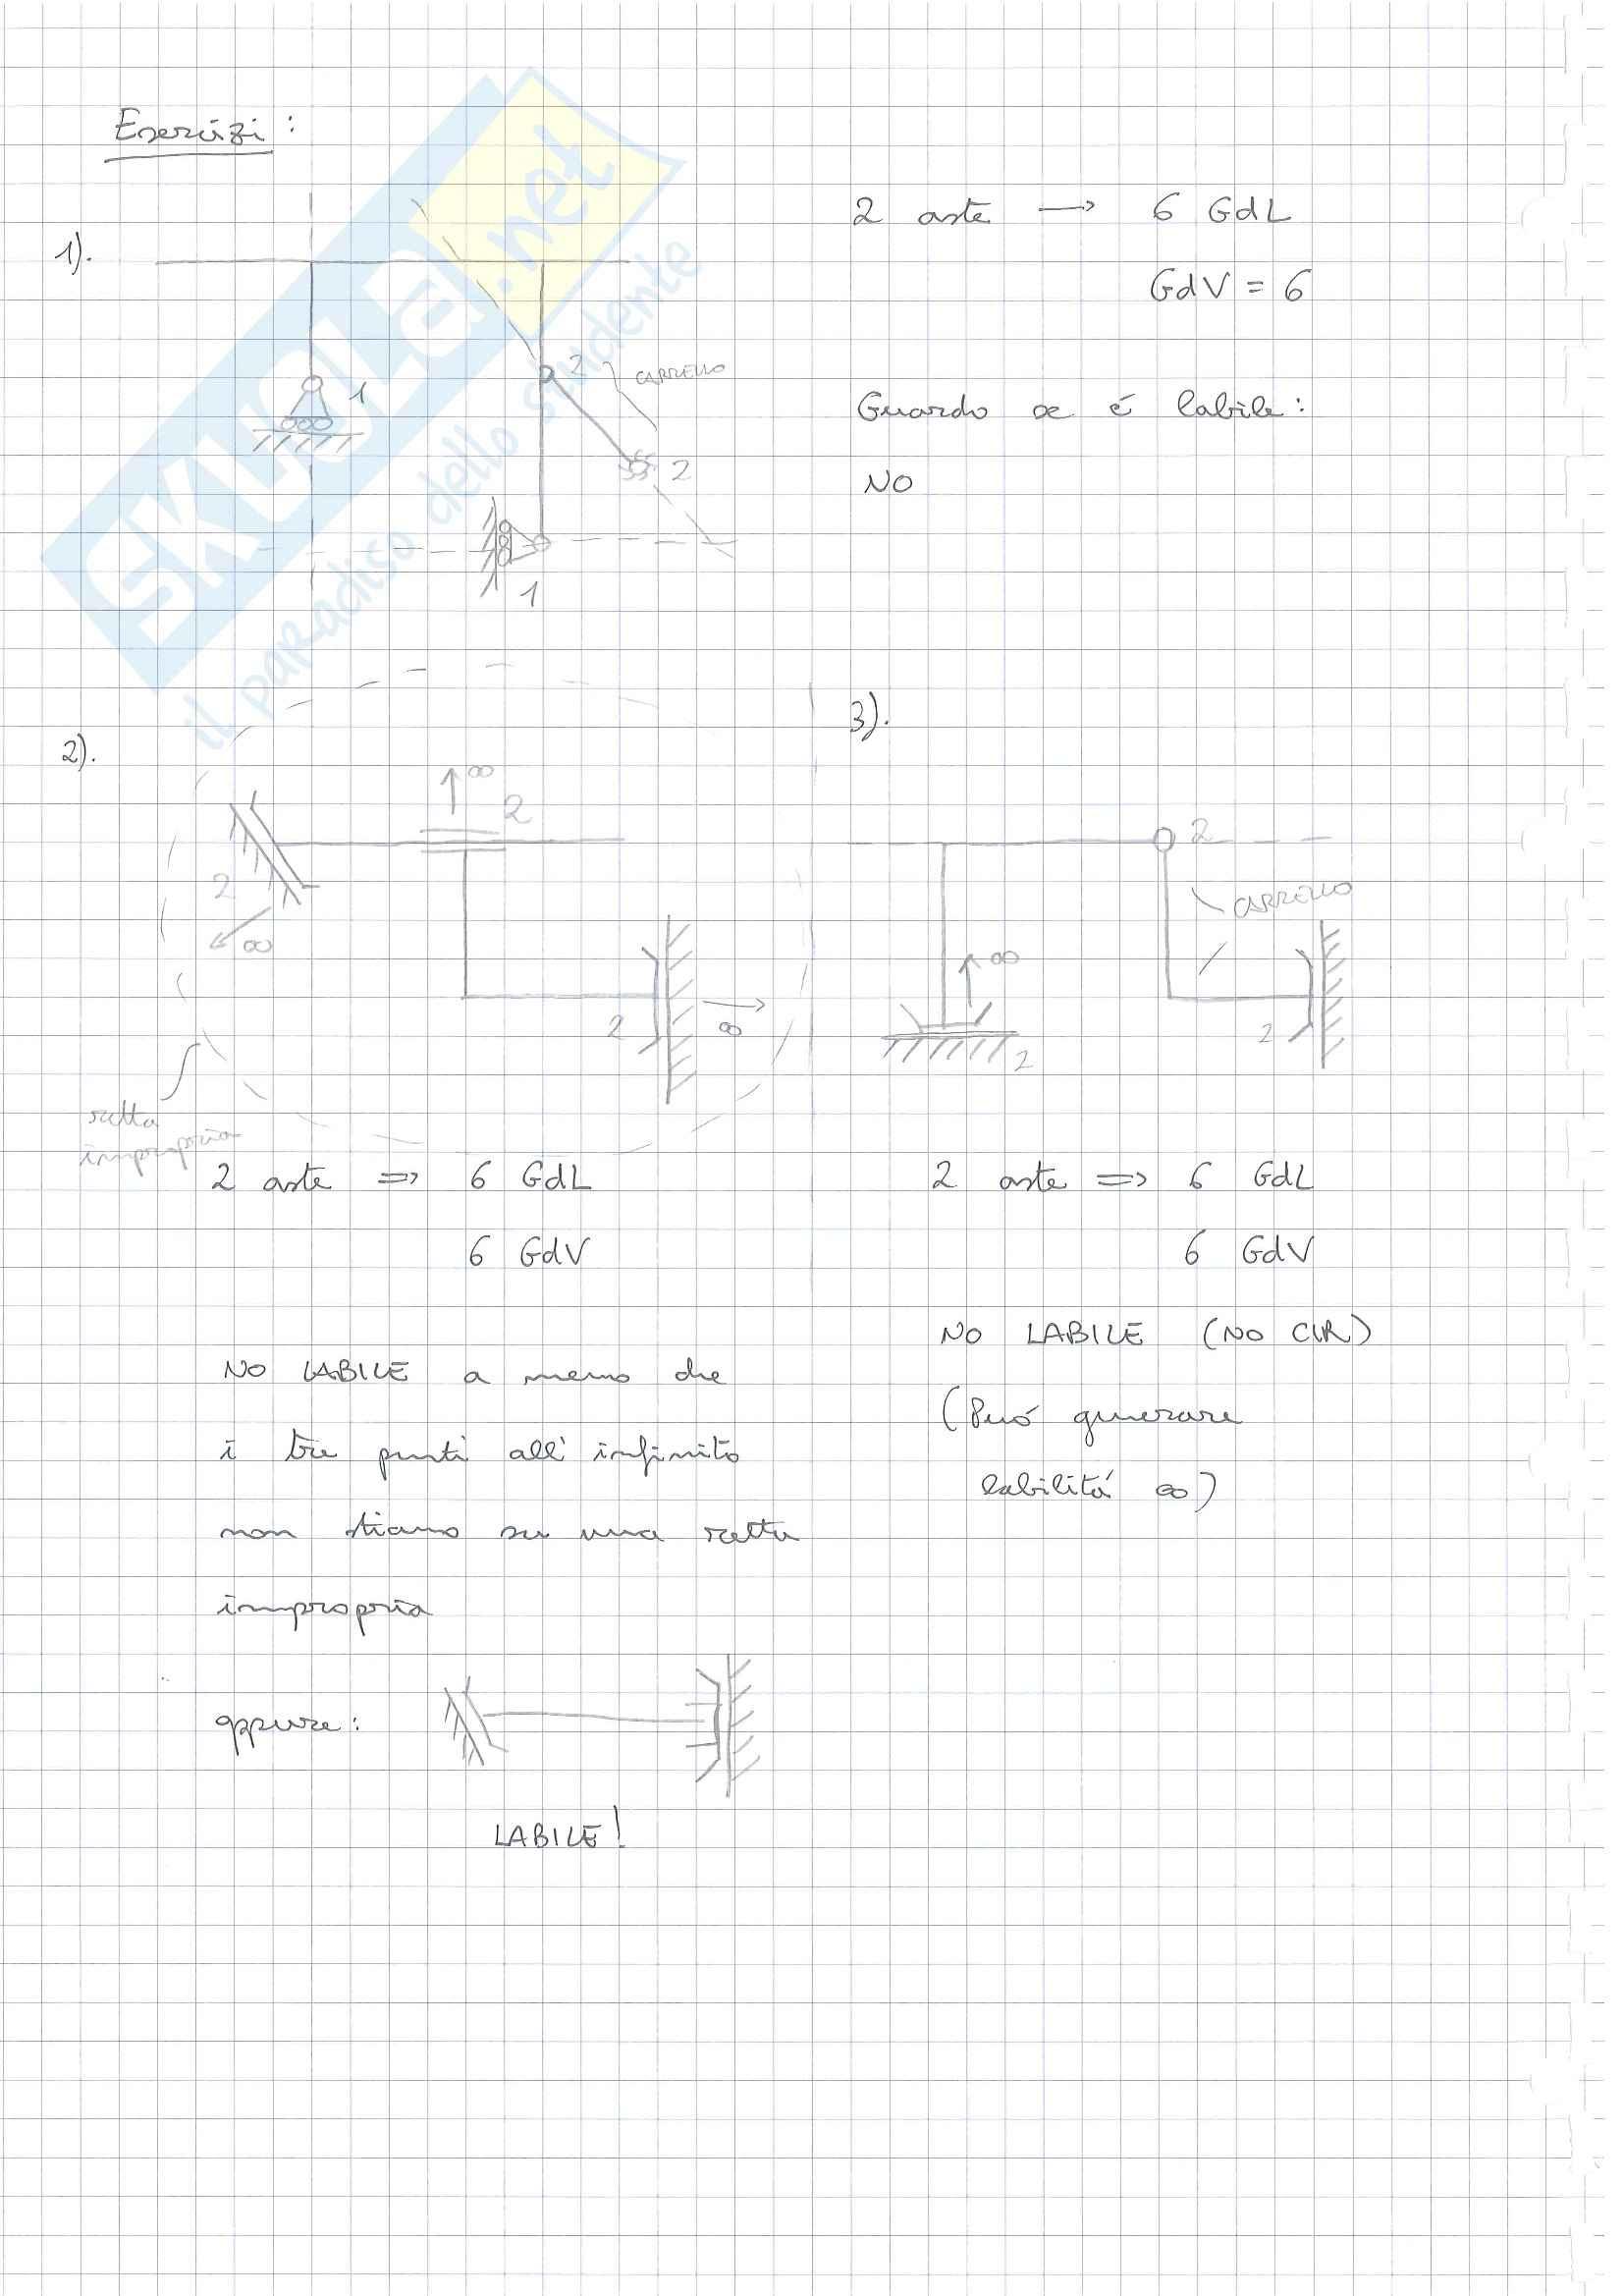 Esercitazioni Costruzione Macchine 1 Pag. 16